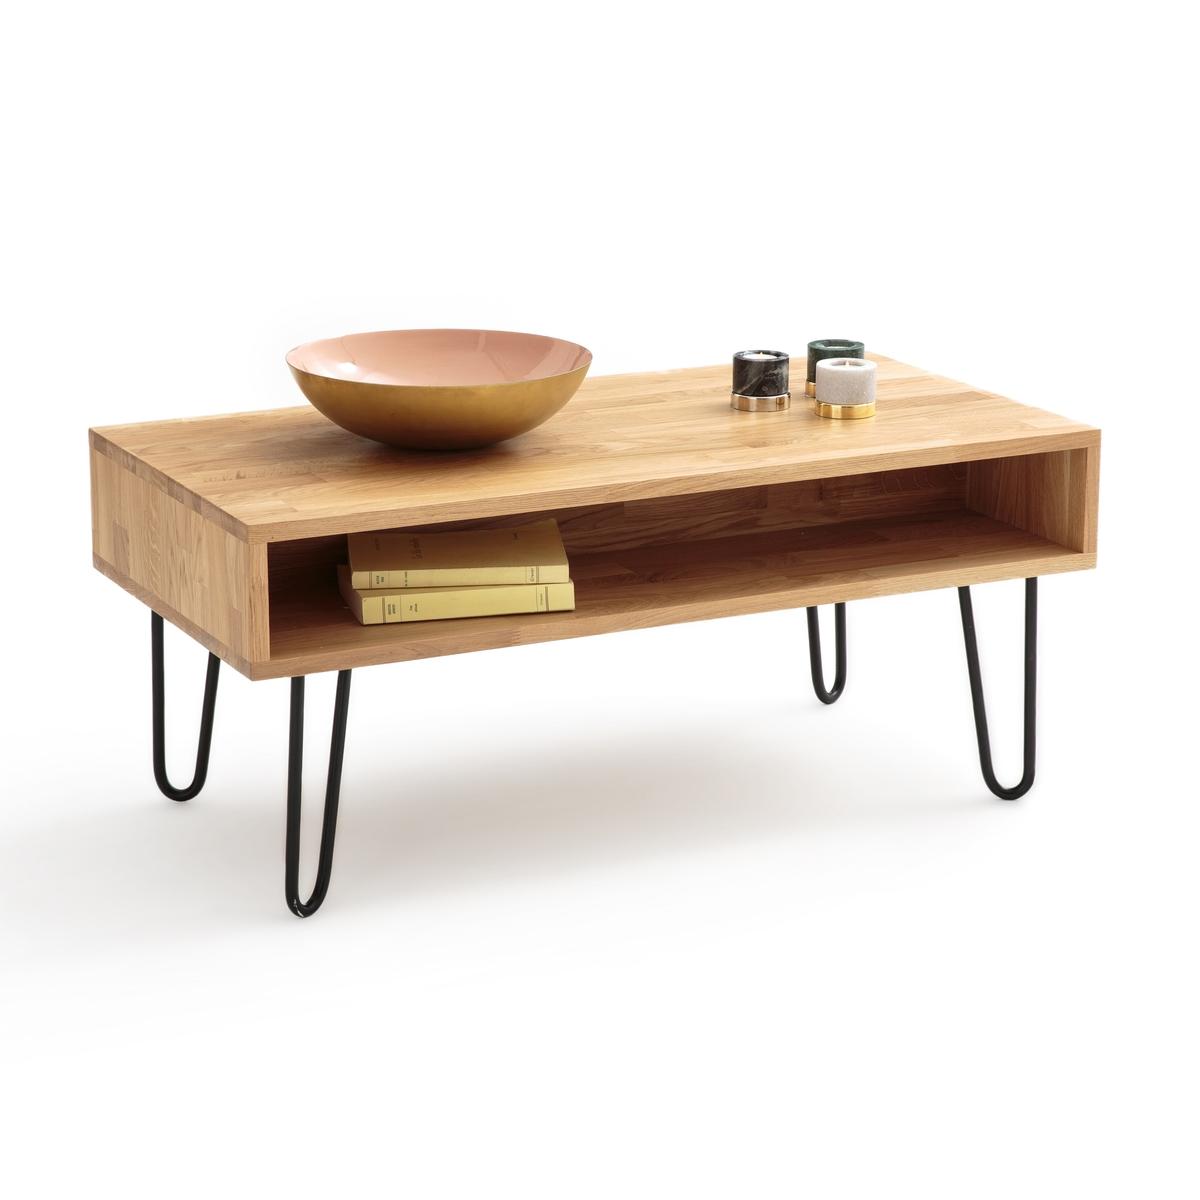 Столик La Redoute Журнальный из дуба AZDA единый размер каштановый столик la redoute журнальный из массива дуба bregnac единый размер каштановый